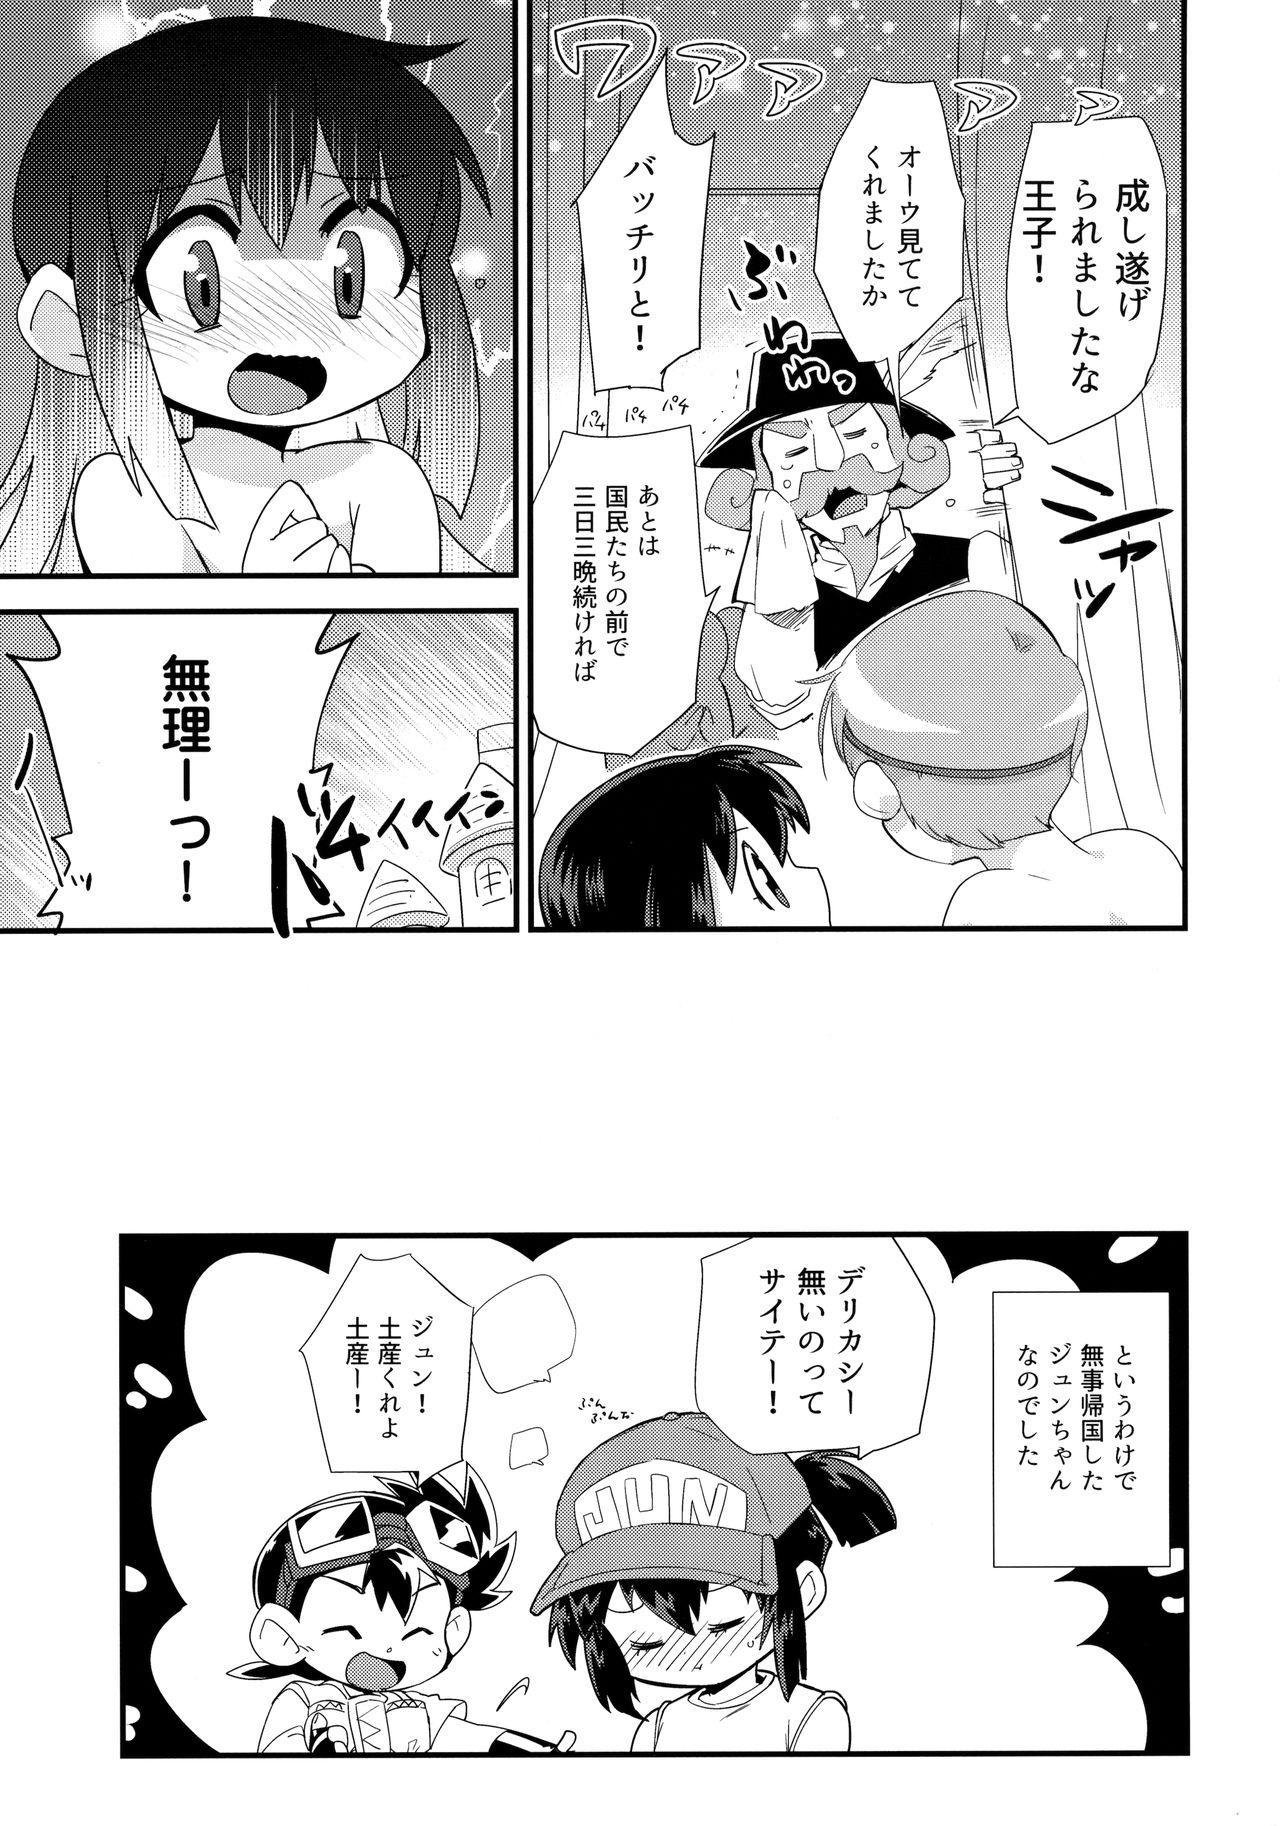 Ohime-sama no Jouken nante Kiitenai! 23